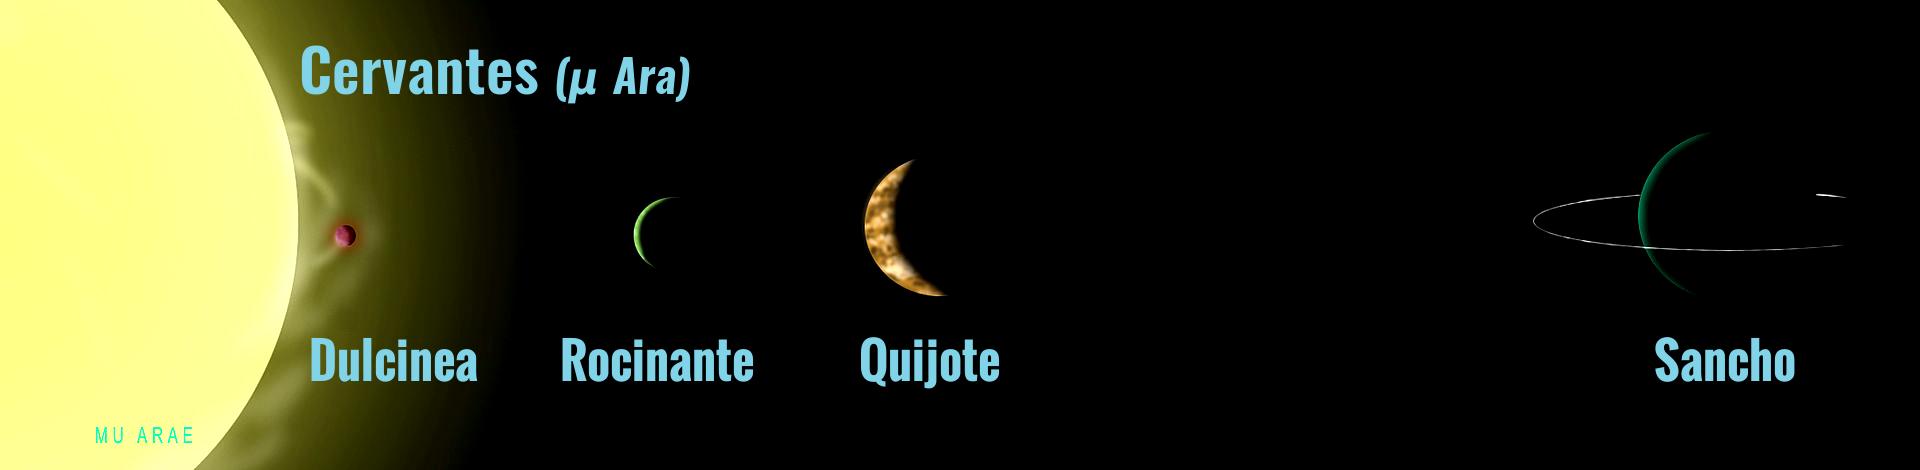 Planeta-quijote-estrella-cervantes